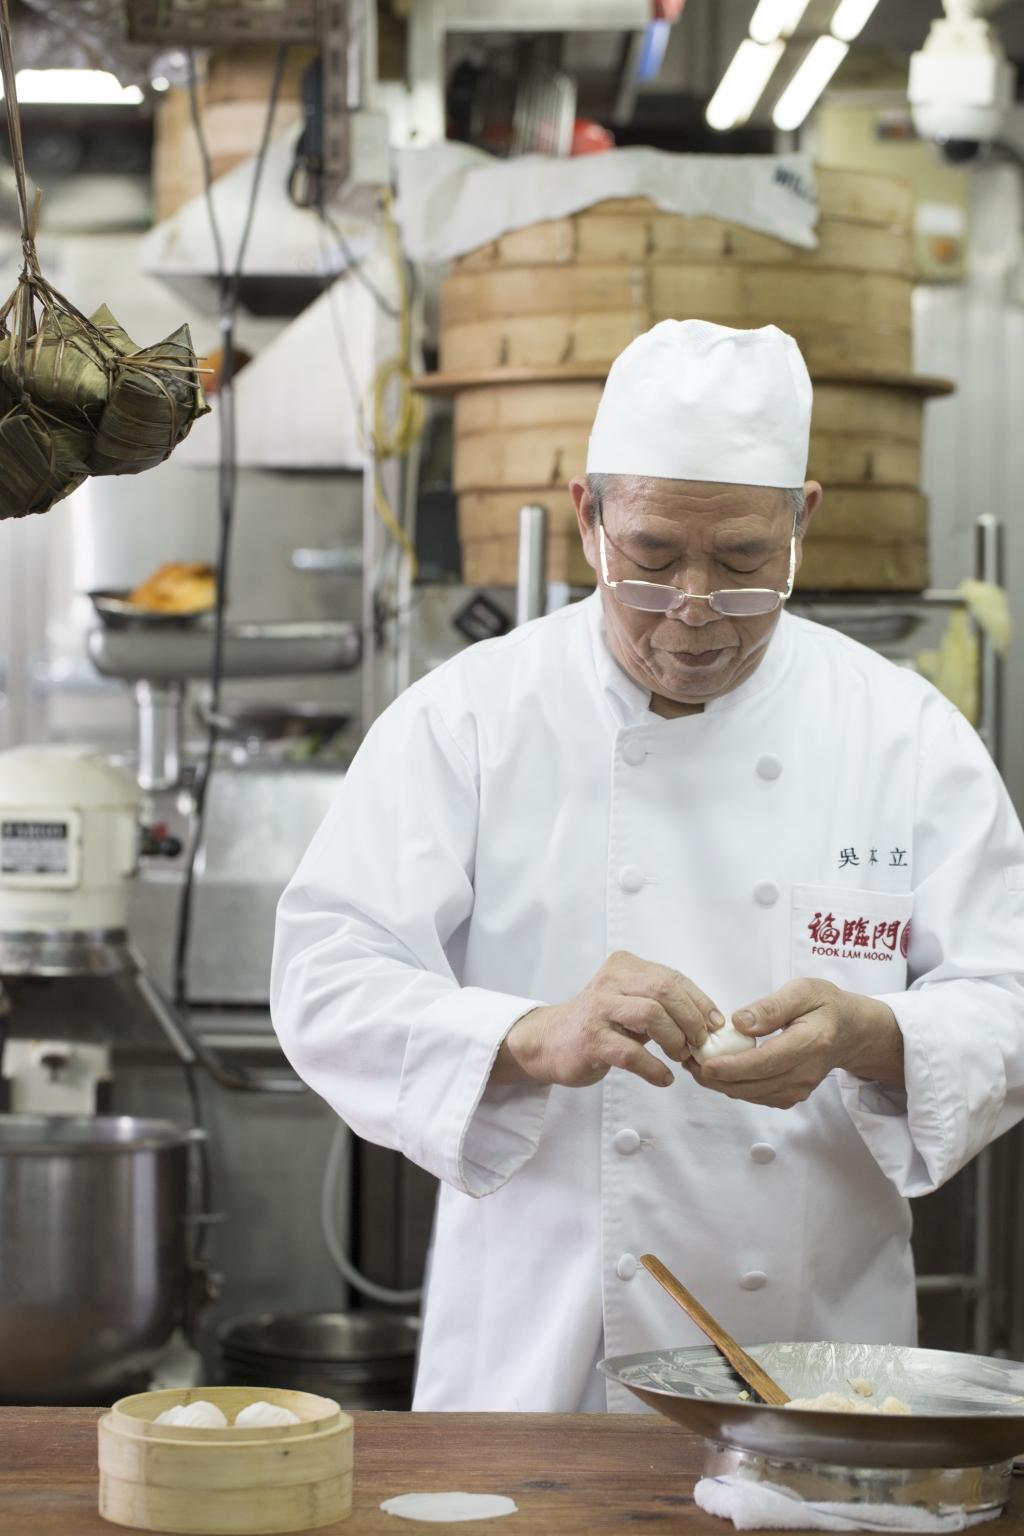 年近八十的立叔,摺出的蝦餃顆顆幾近完美,是六十餘年功力的表現。